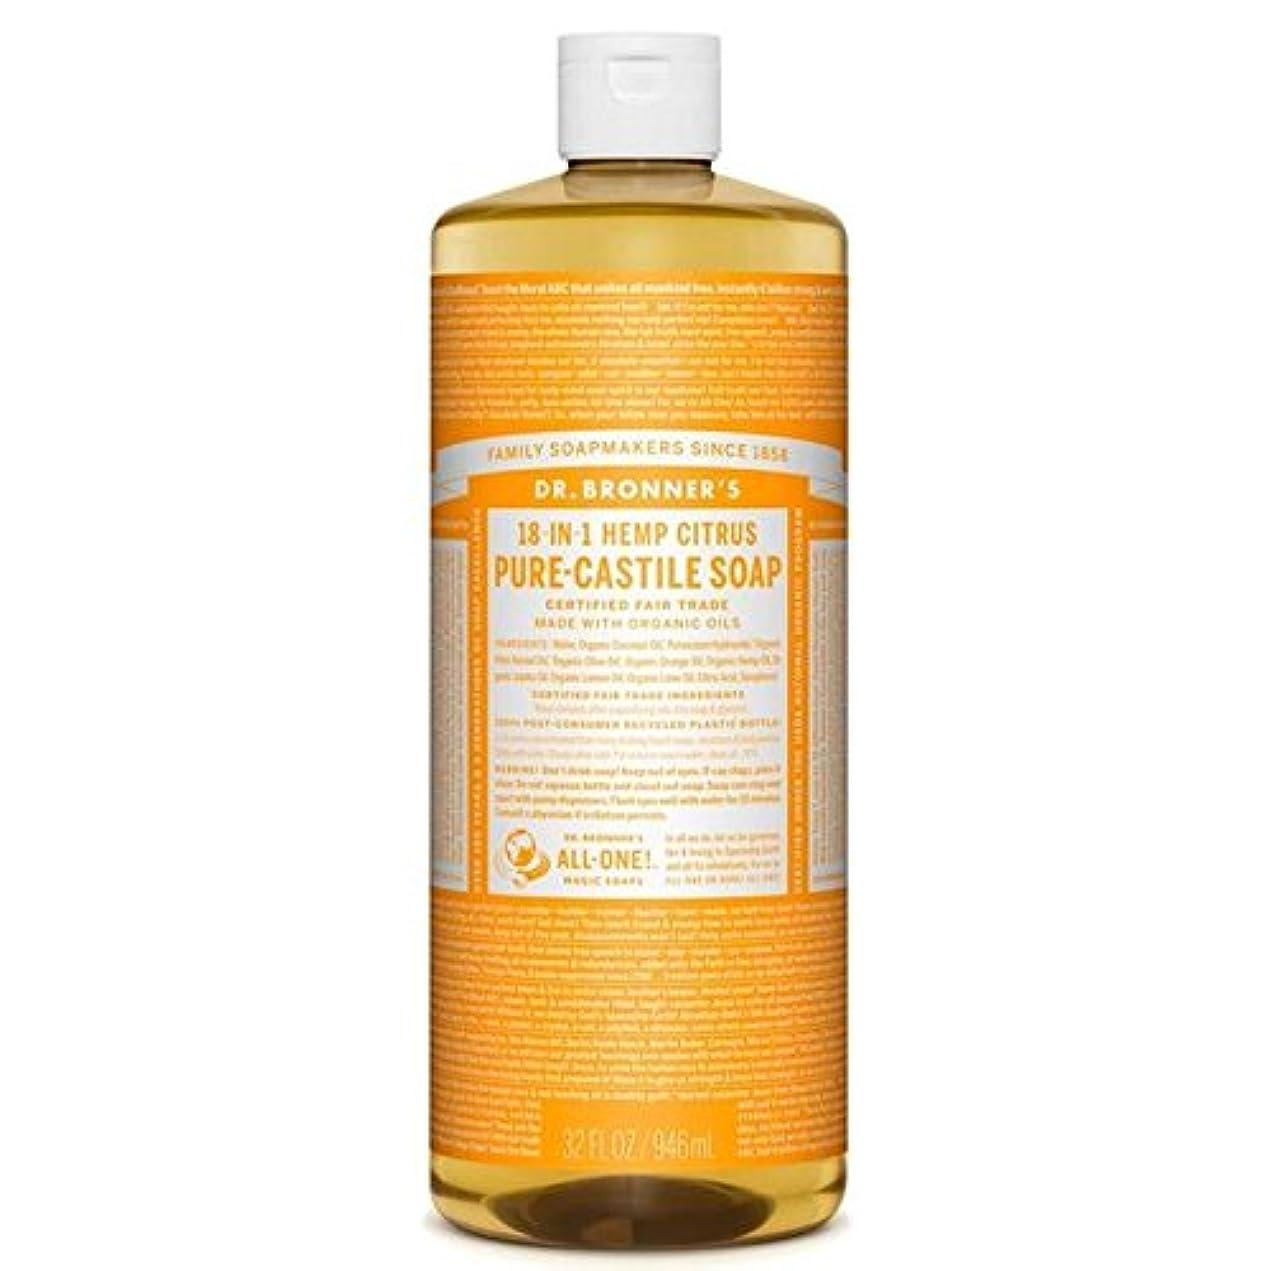 ゲインセイ進行中真向こうのブロナーオーガニックシトラスカスティーリャ液体石鹸946ミリリットル x4 - Dr Bronner Organic Citrus Castile Liquid Soap 946ml (Pack of 4) [並行輸入品]